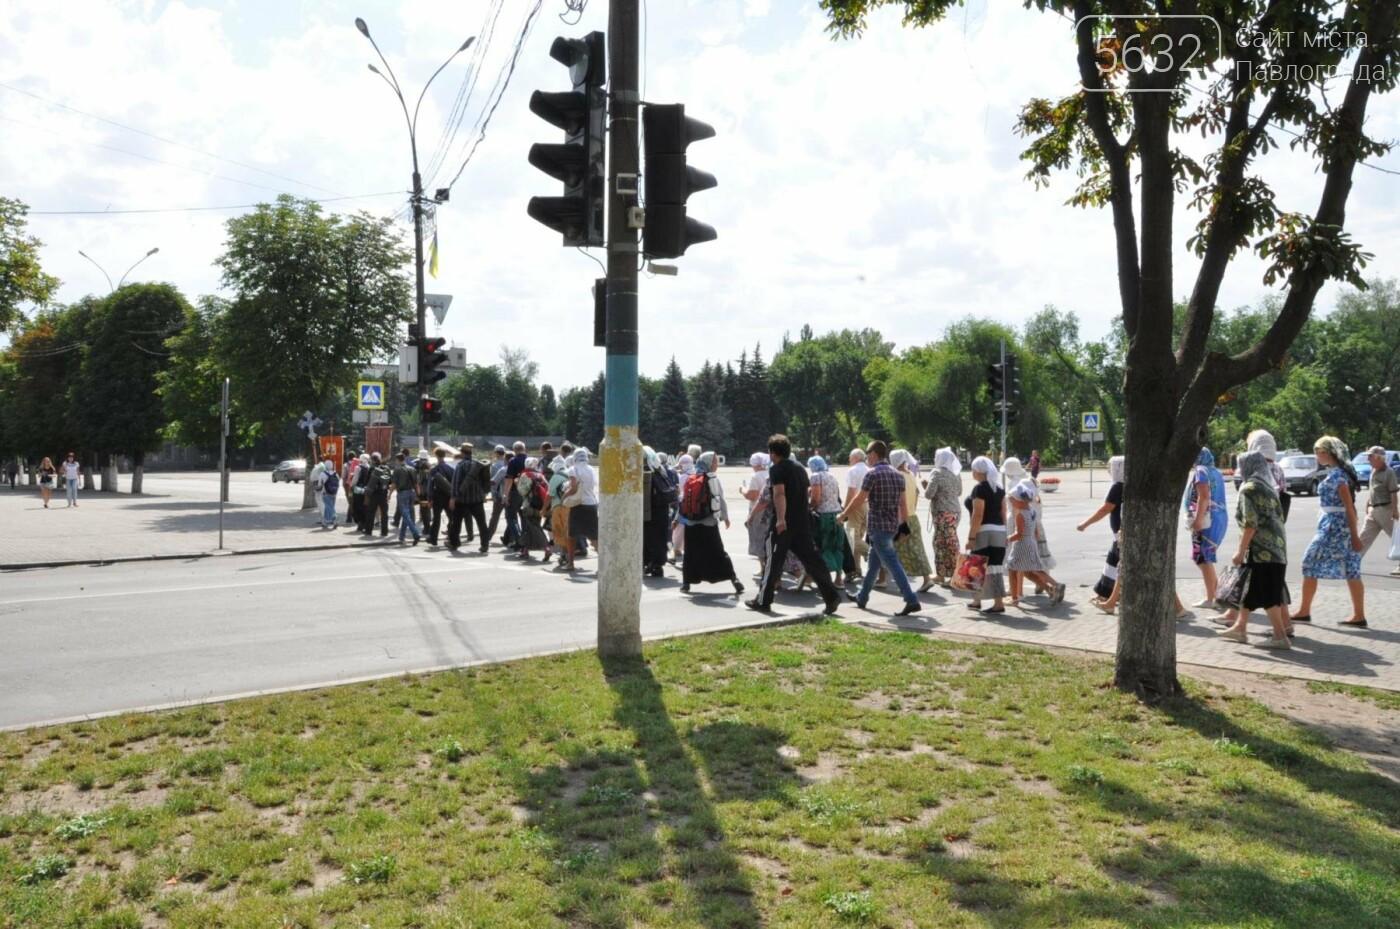 Через Павлоград прошел крестный ход с чудотворной иконой, фото-4